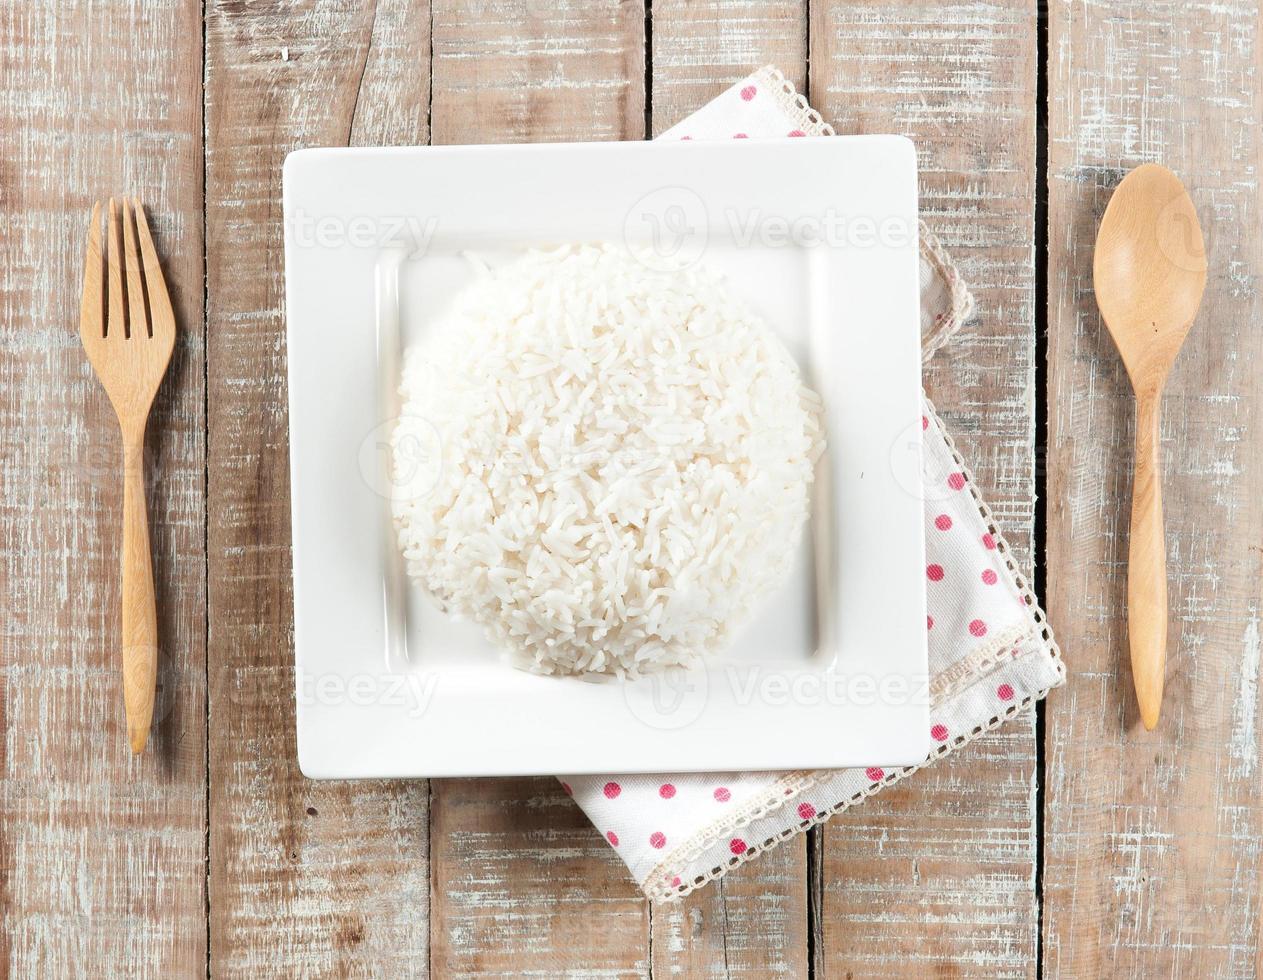 Cuenco lleno de arroz y cuchara sobre fondo blanco. foto